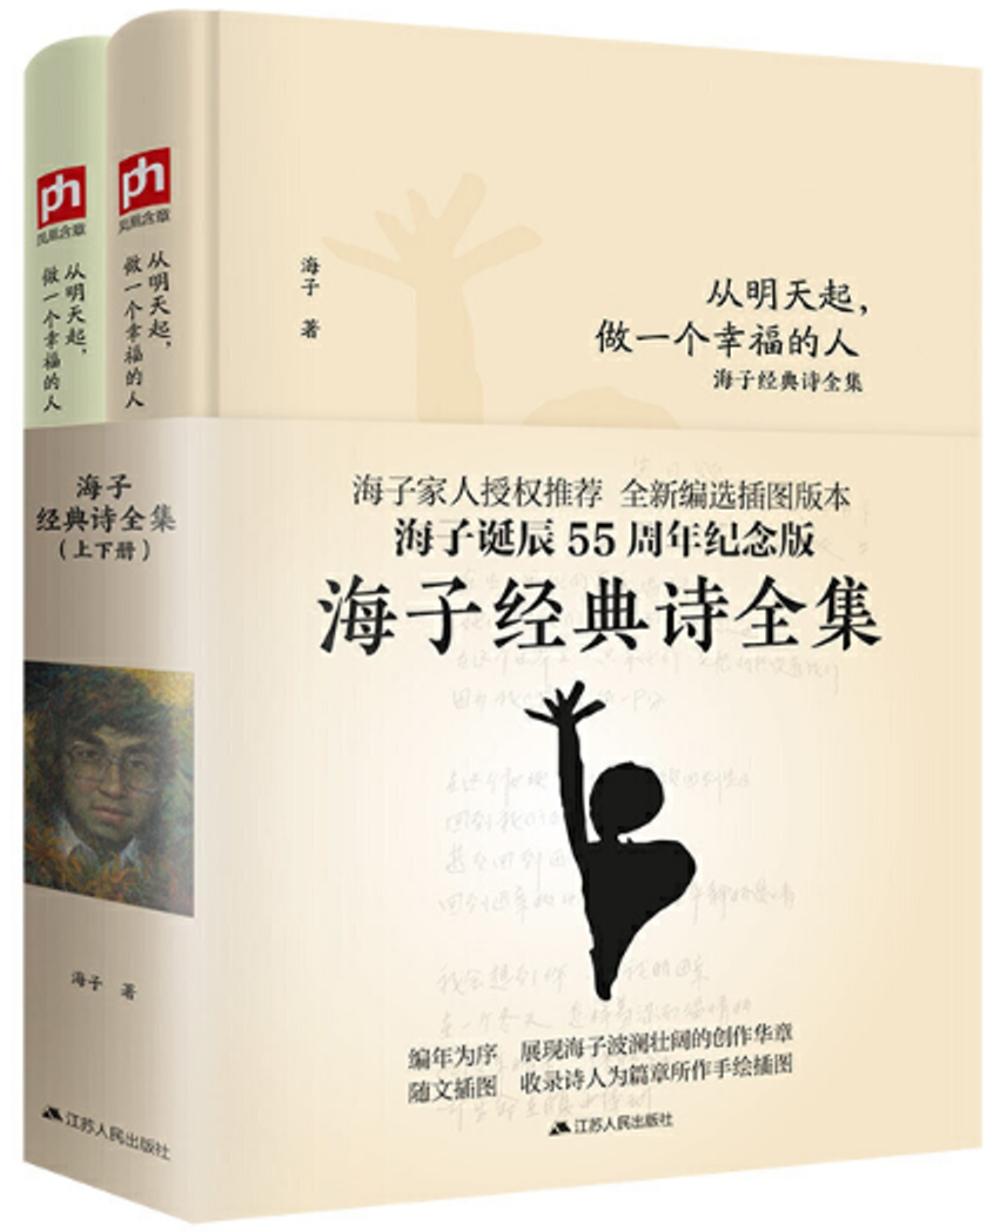 從明天起,做一個幸福的人:海子經典詩全集(上下冊)